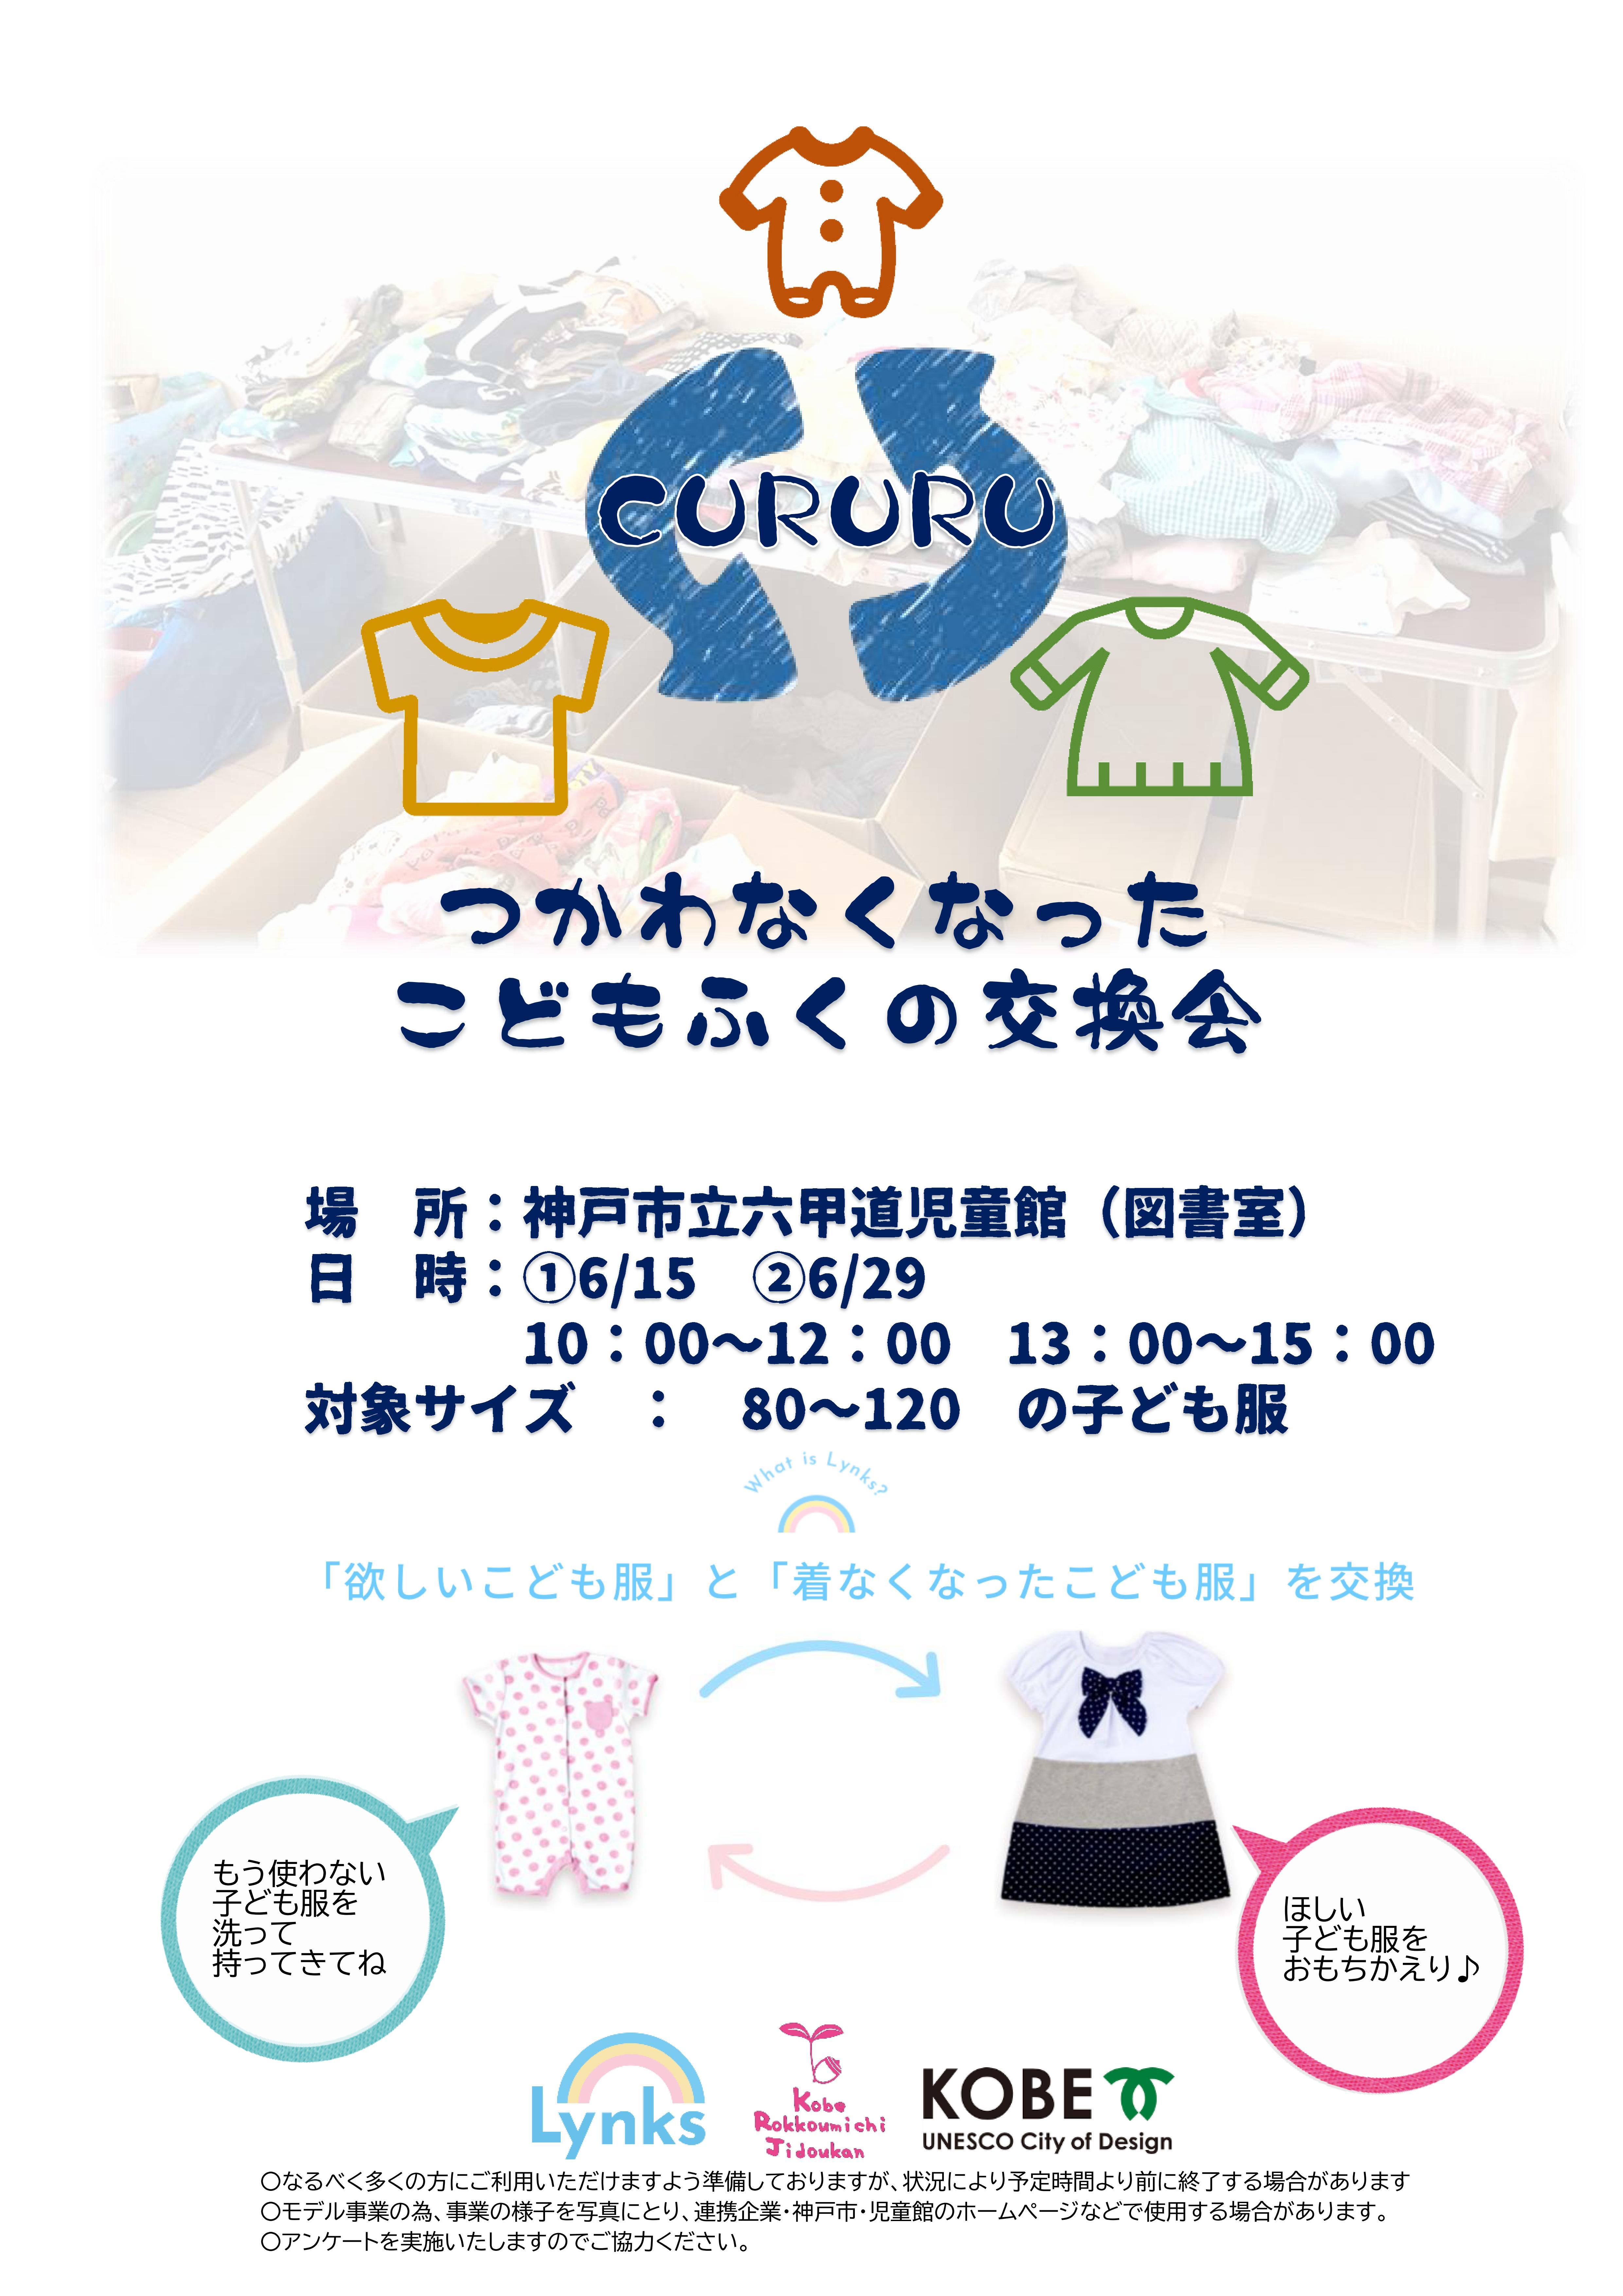 神戸市立六甲道児童館 使わなくなった服の交換会『CURURU』